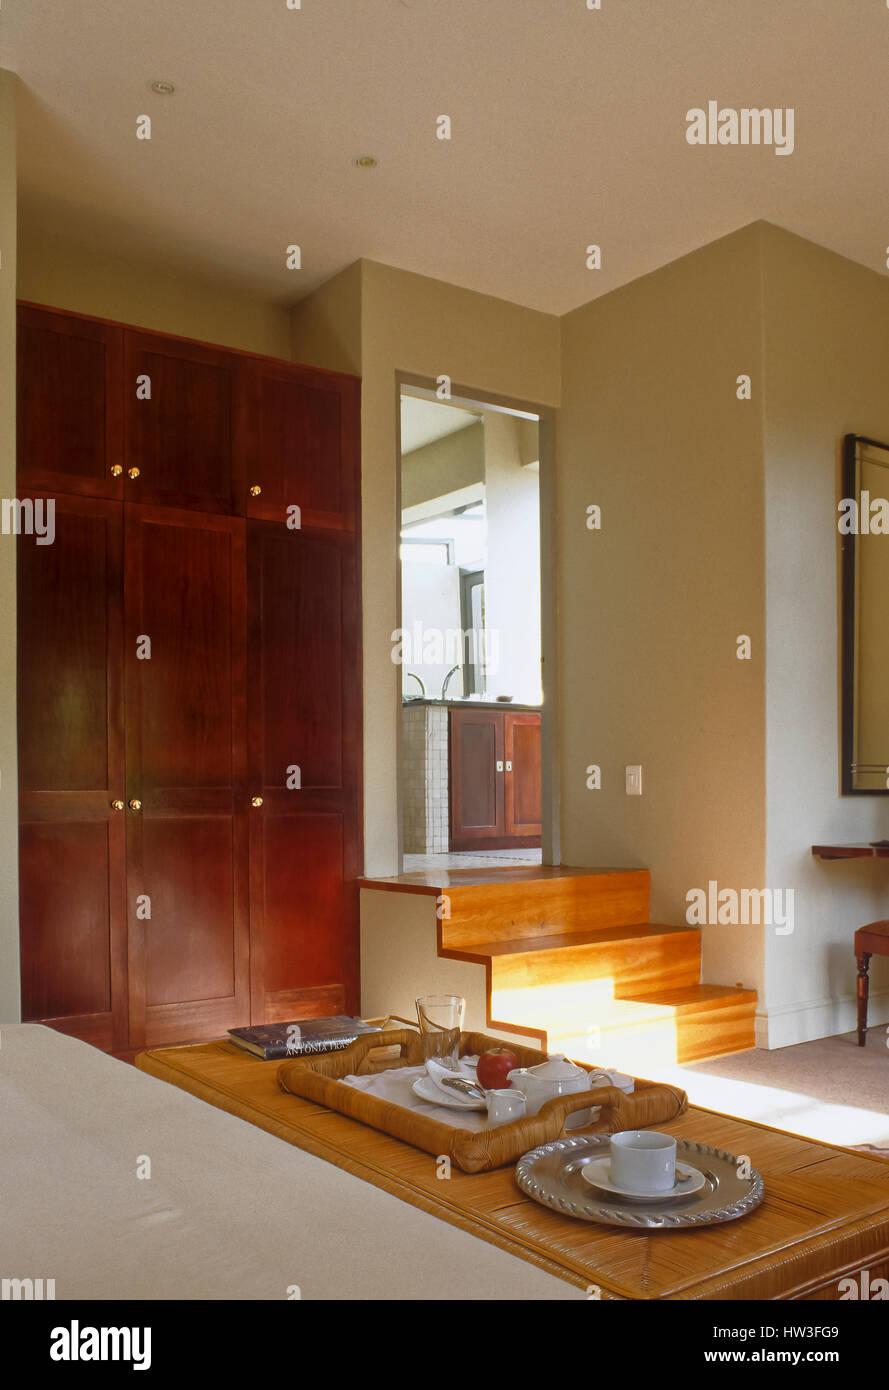 Almacenamiento simplistas y una mesa de café en el salón. Imagen De Stock